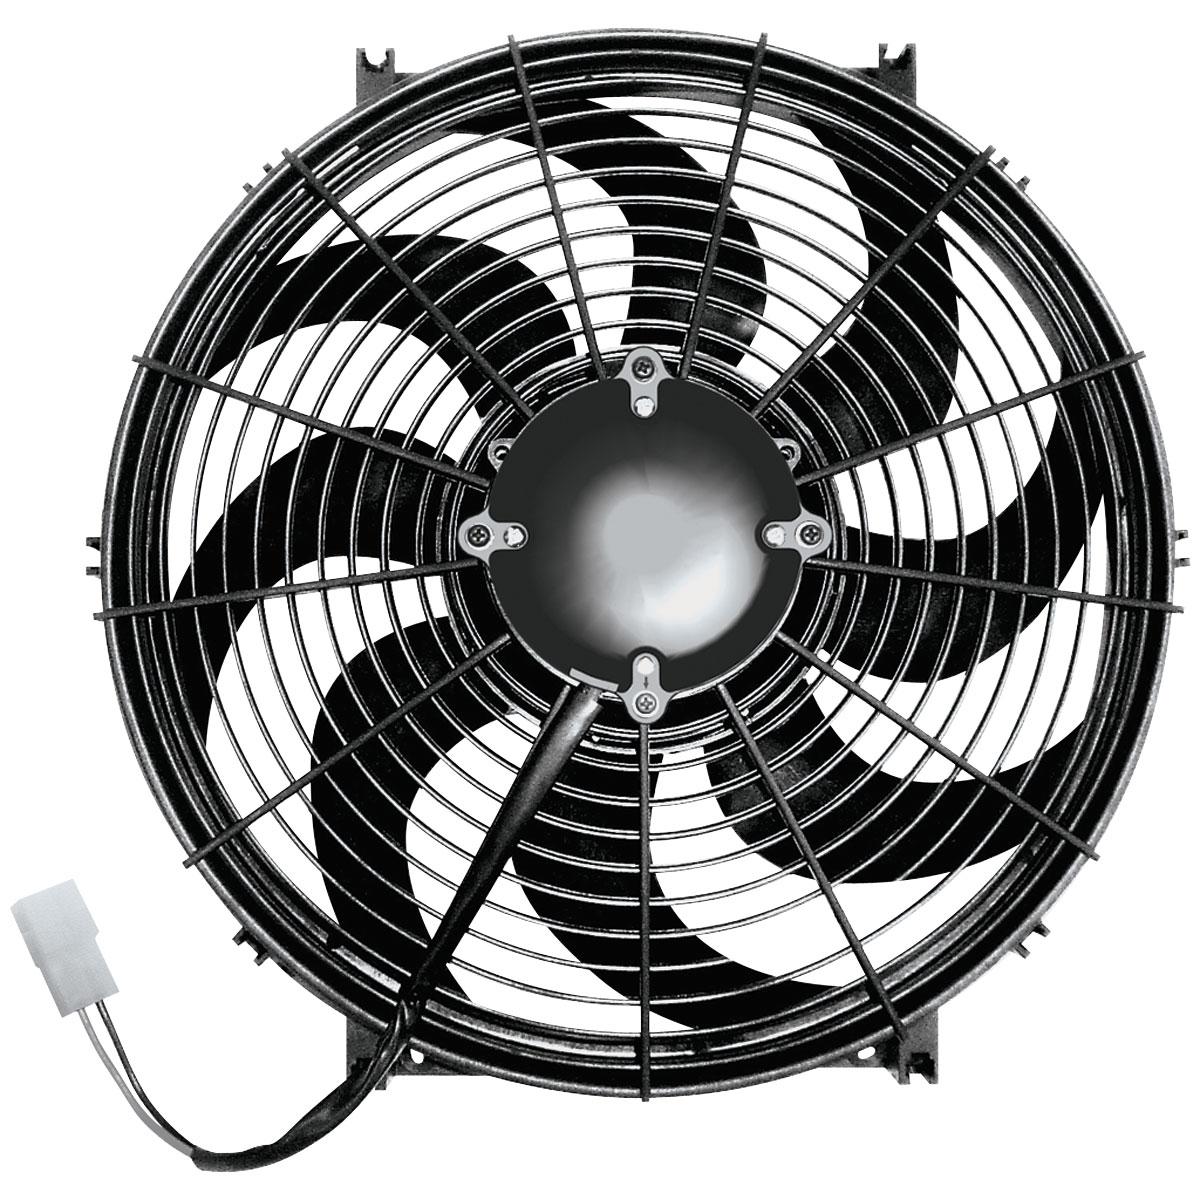 Fan, Maradyne Challenger Series, 16